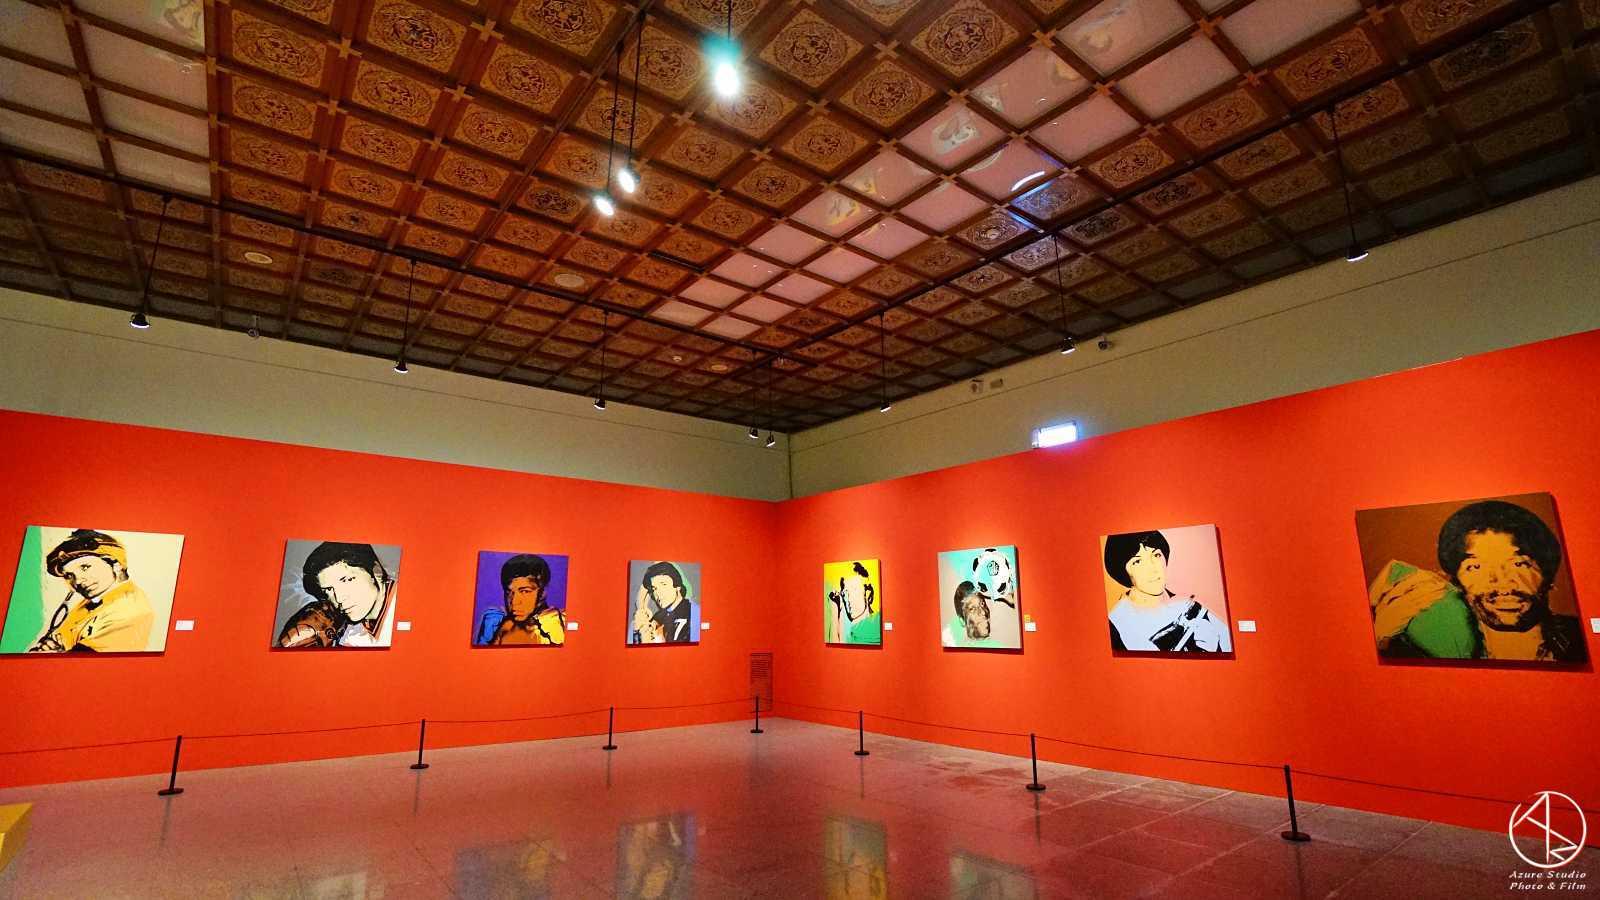 安迪沃荷普普狂想特展,看展心得,必看重點,人物肖像區